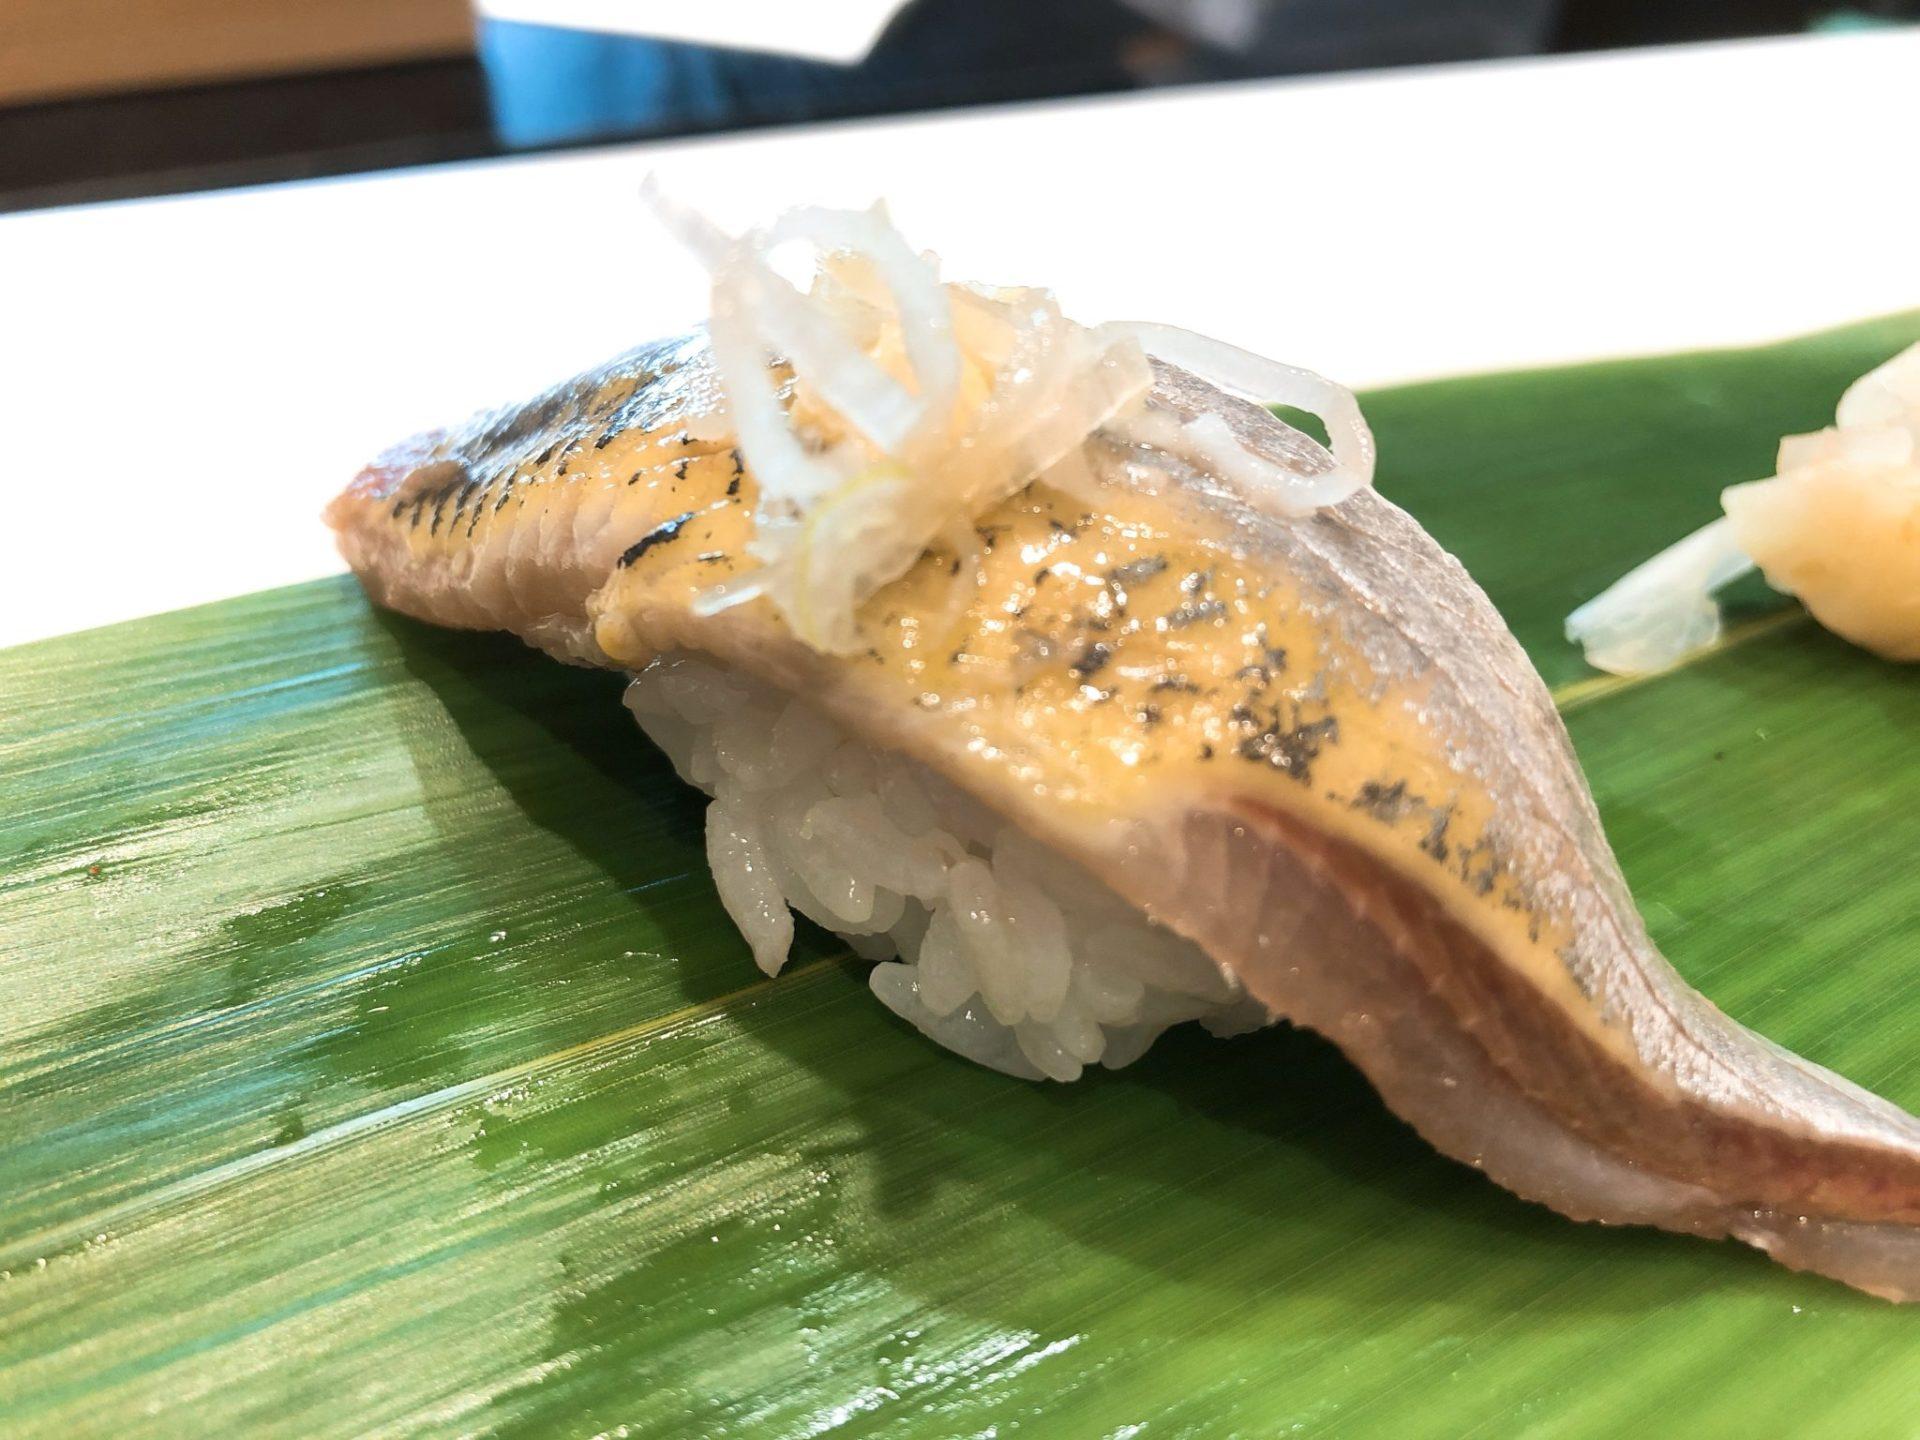 立食い寿司 根室花まる 神宮前店(原宿店)のいわし